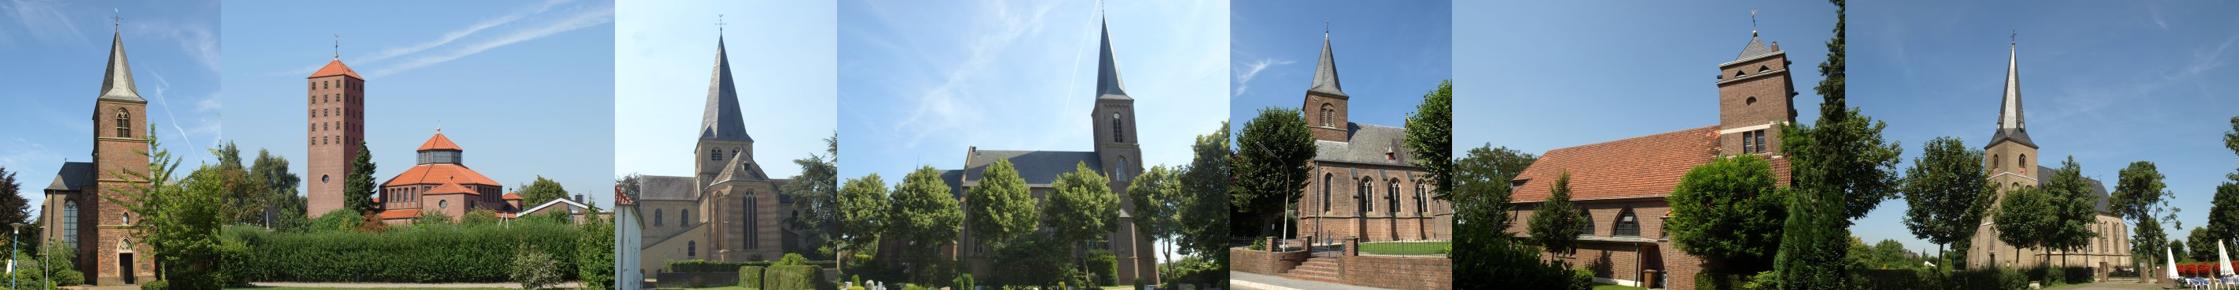 Kirchen-Header